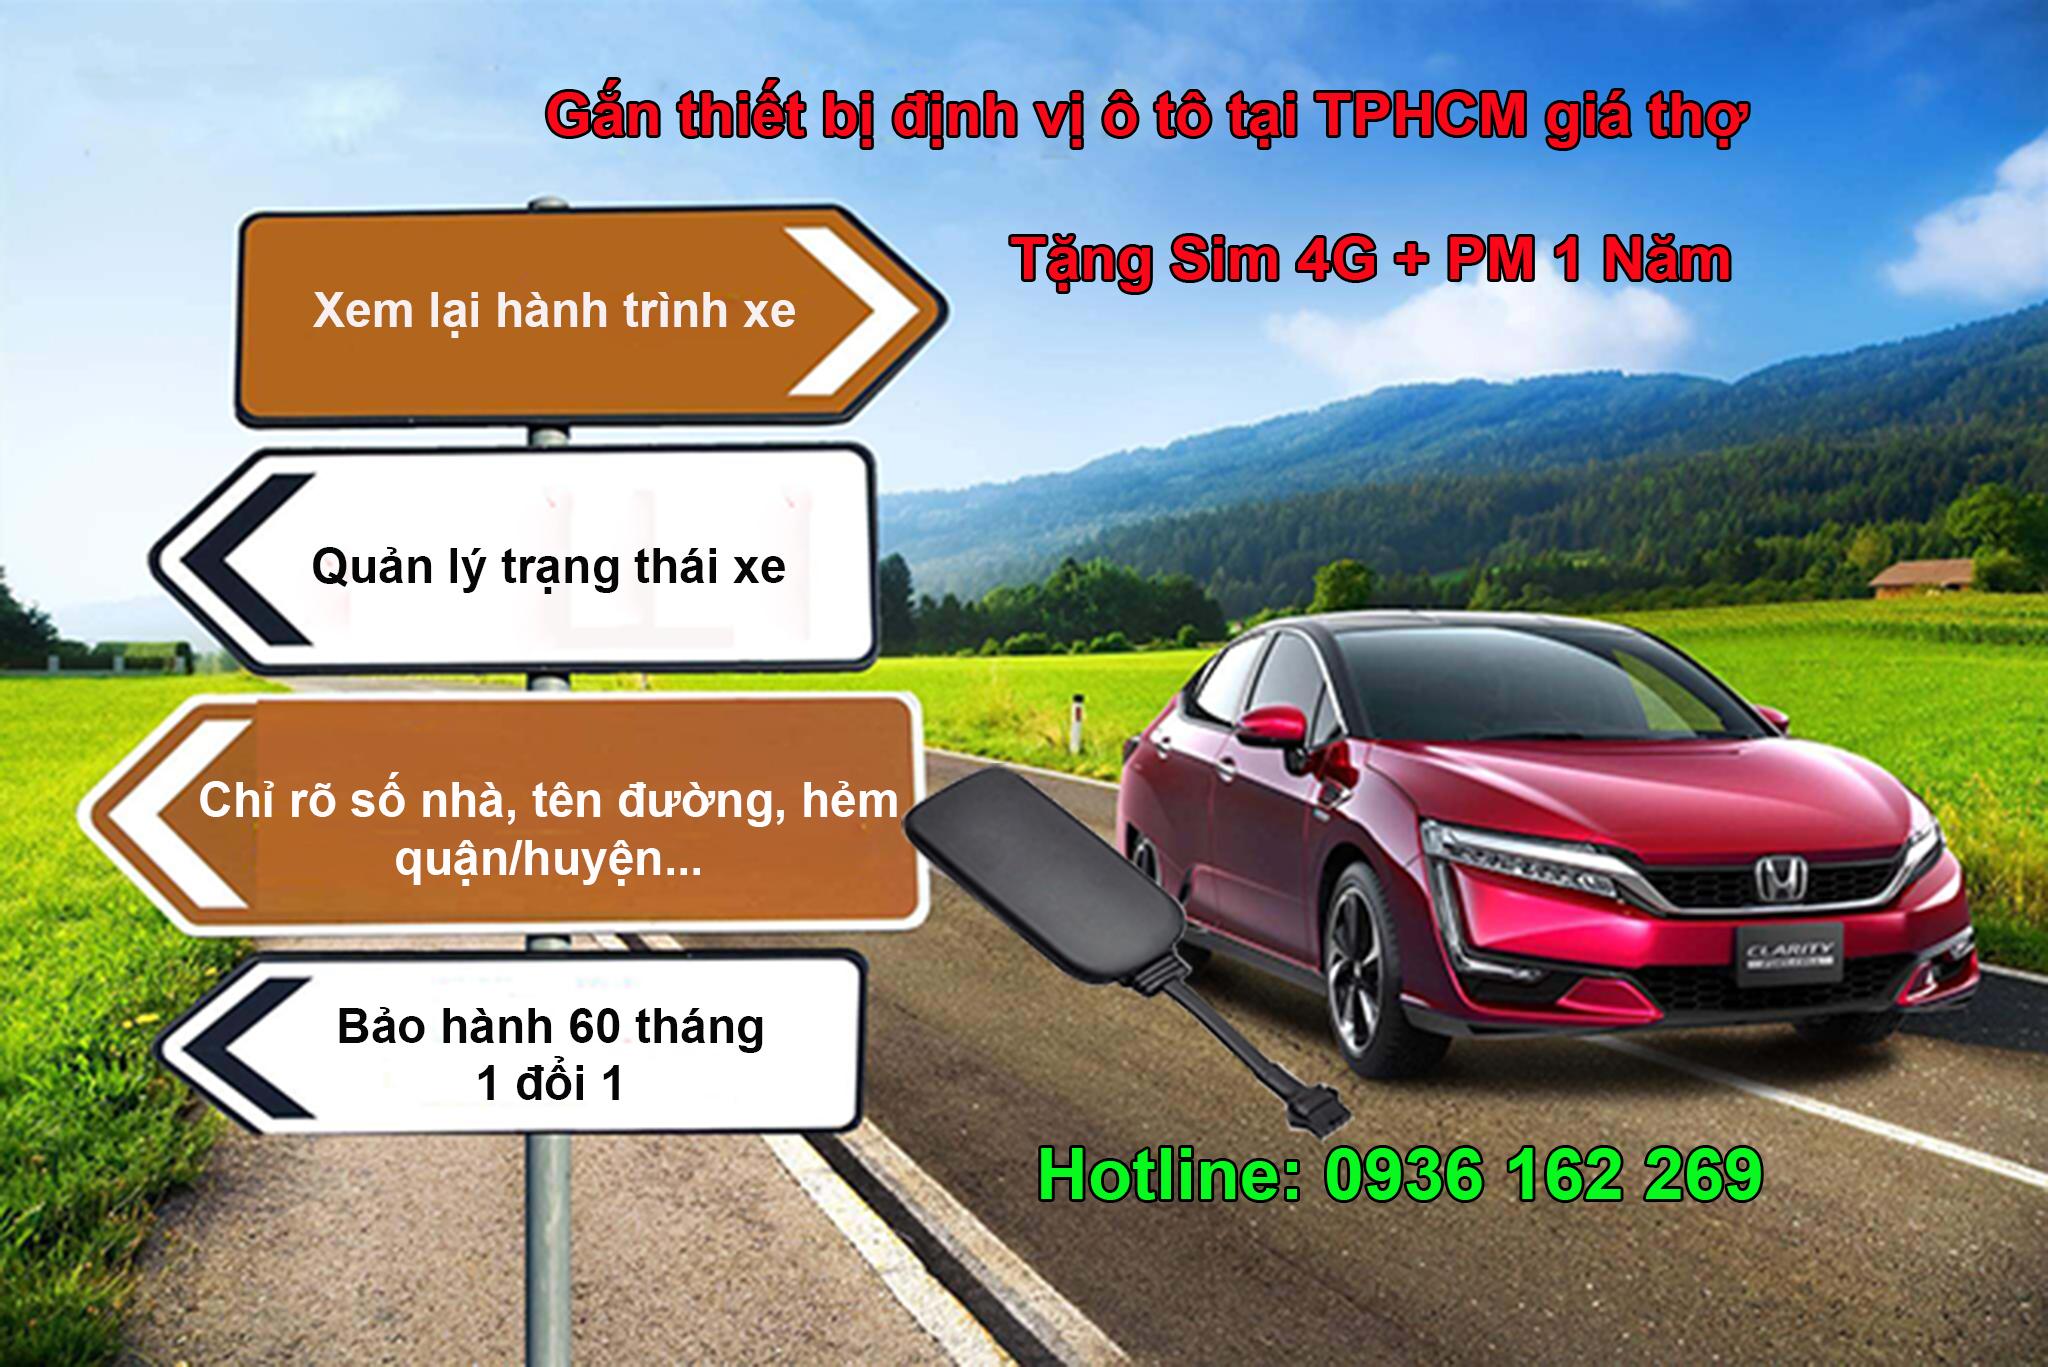 Cung cấp thiết bị định vị ô tô tại TPHCM giá rẻ, lắp tận nơi